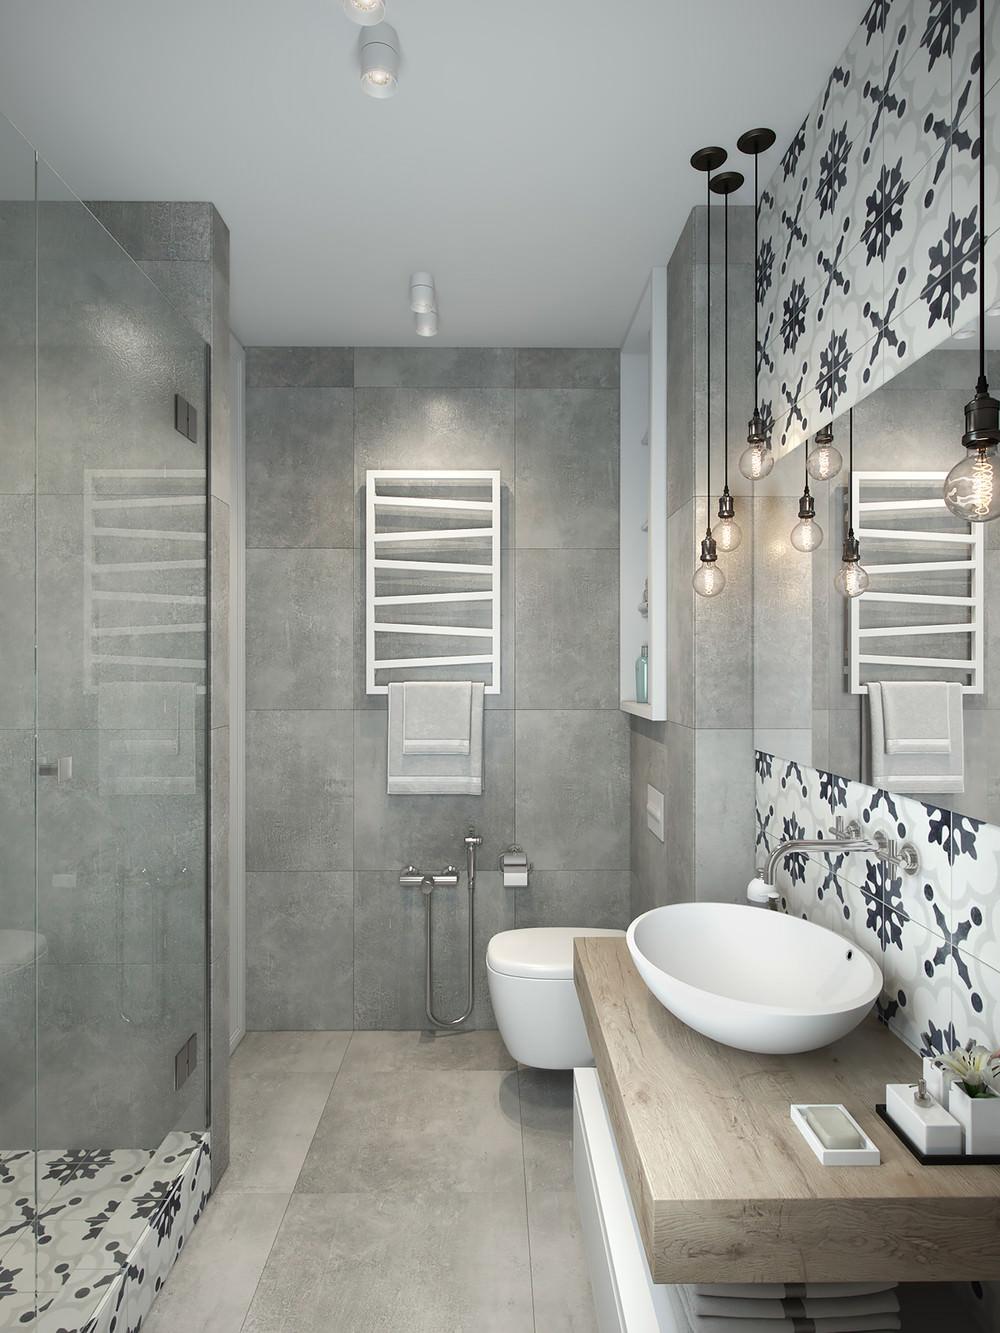 malak-apartament-s-originalen-interioren-dizain-30-m-910